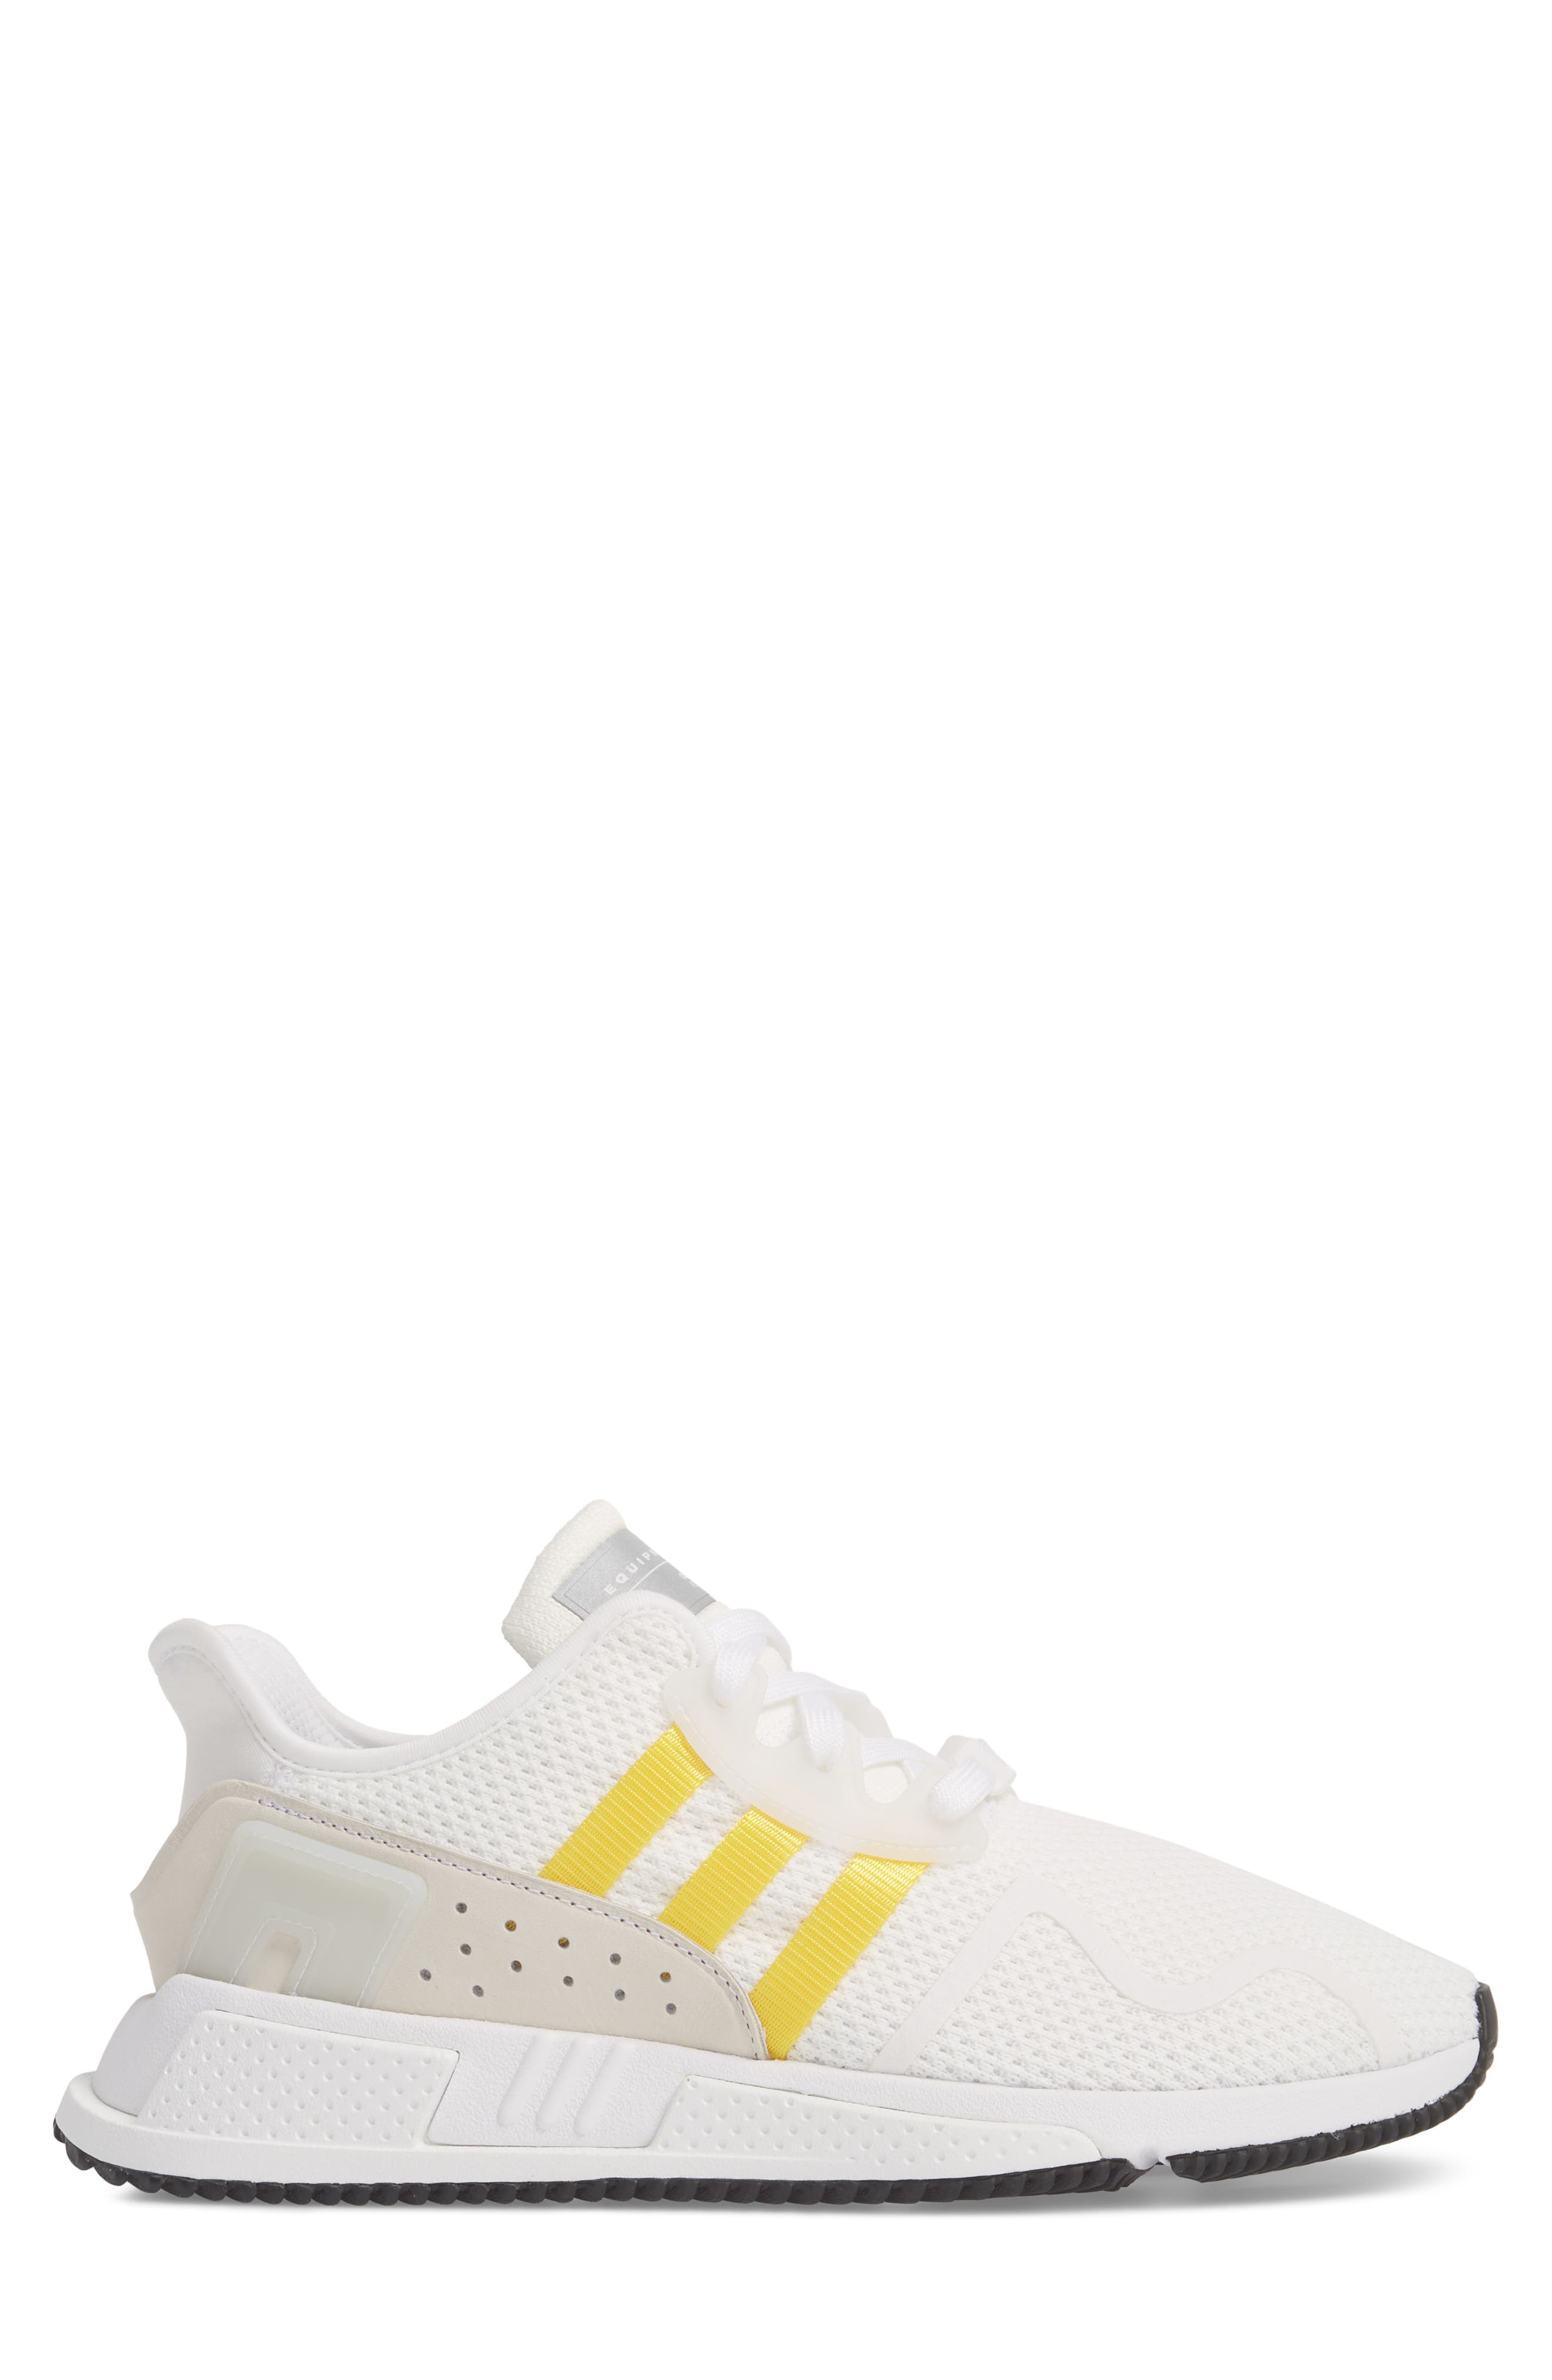 EQT Cushion ADV Sneaker,                             Alternate thumbnail 3, color,                             100